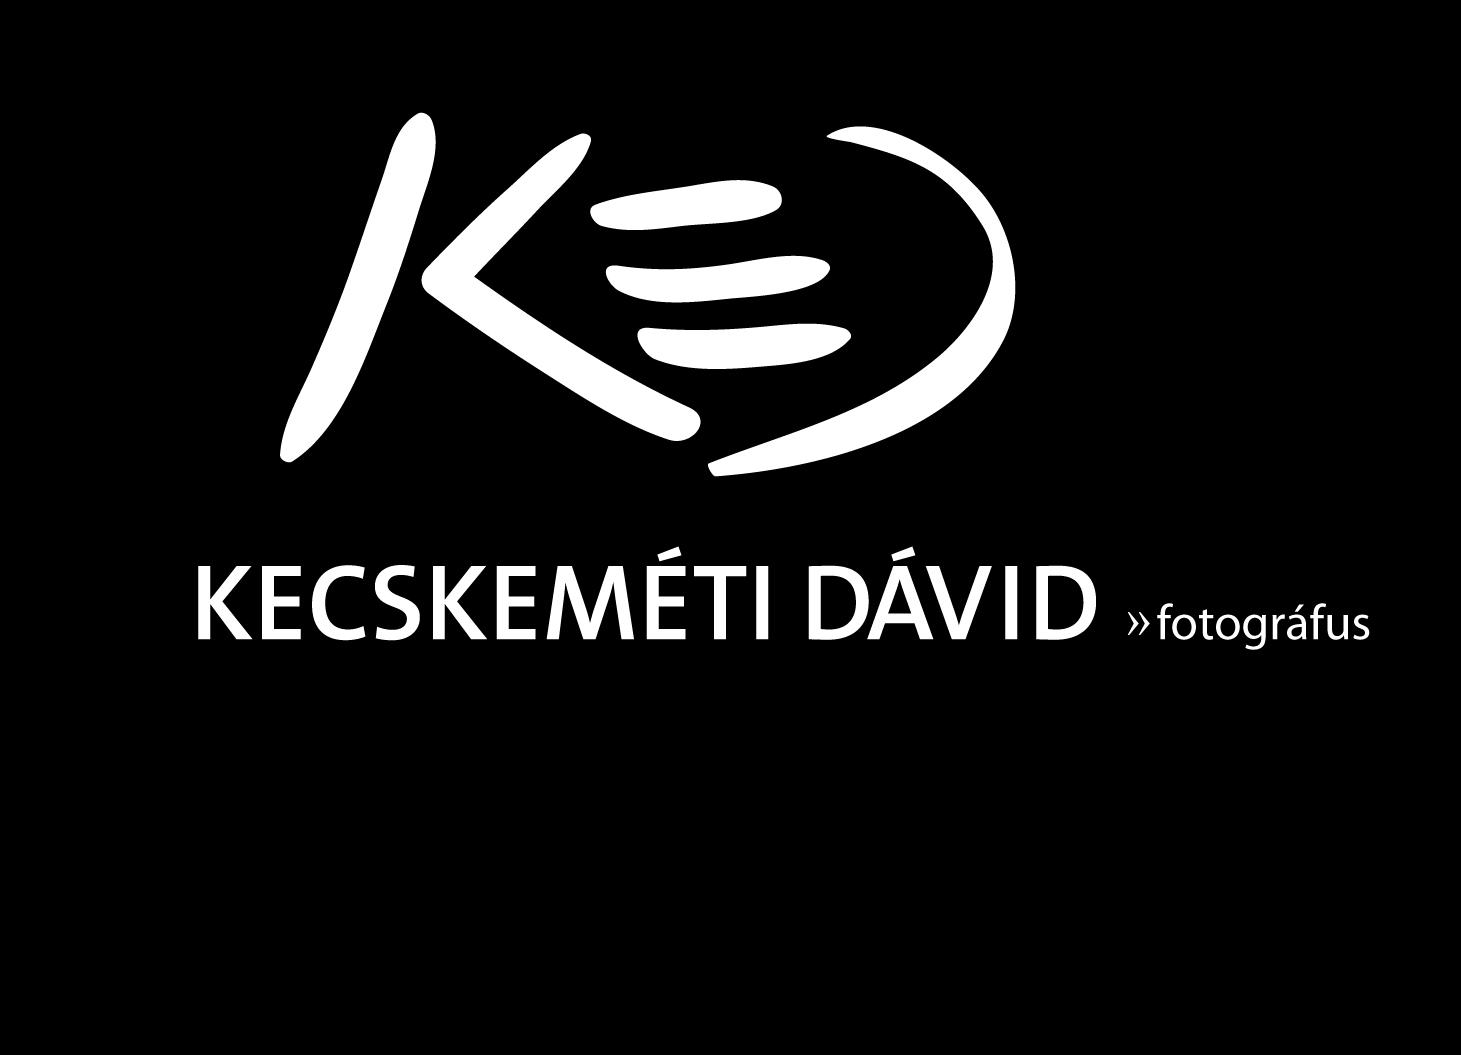 KED_logo-1.jpg